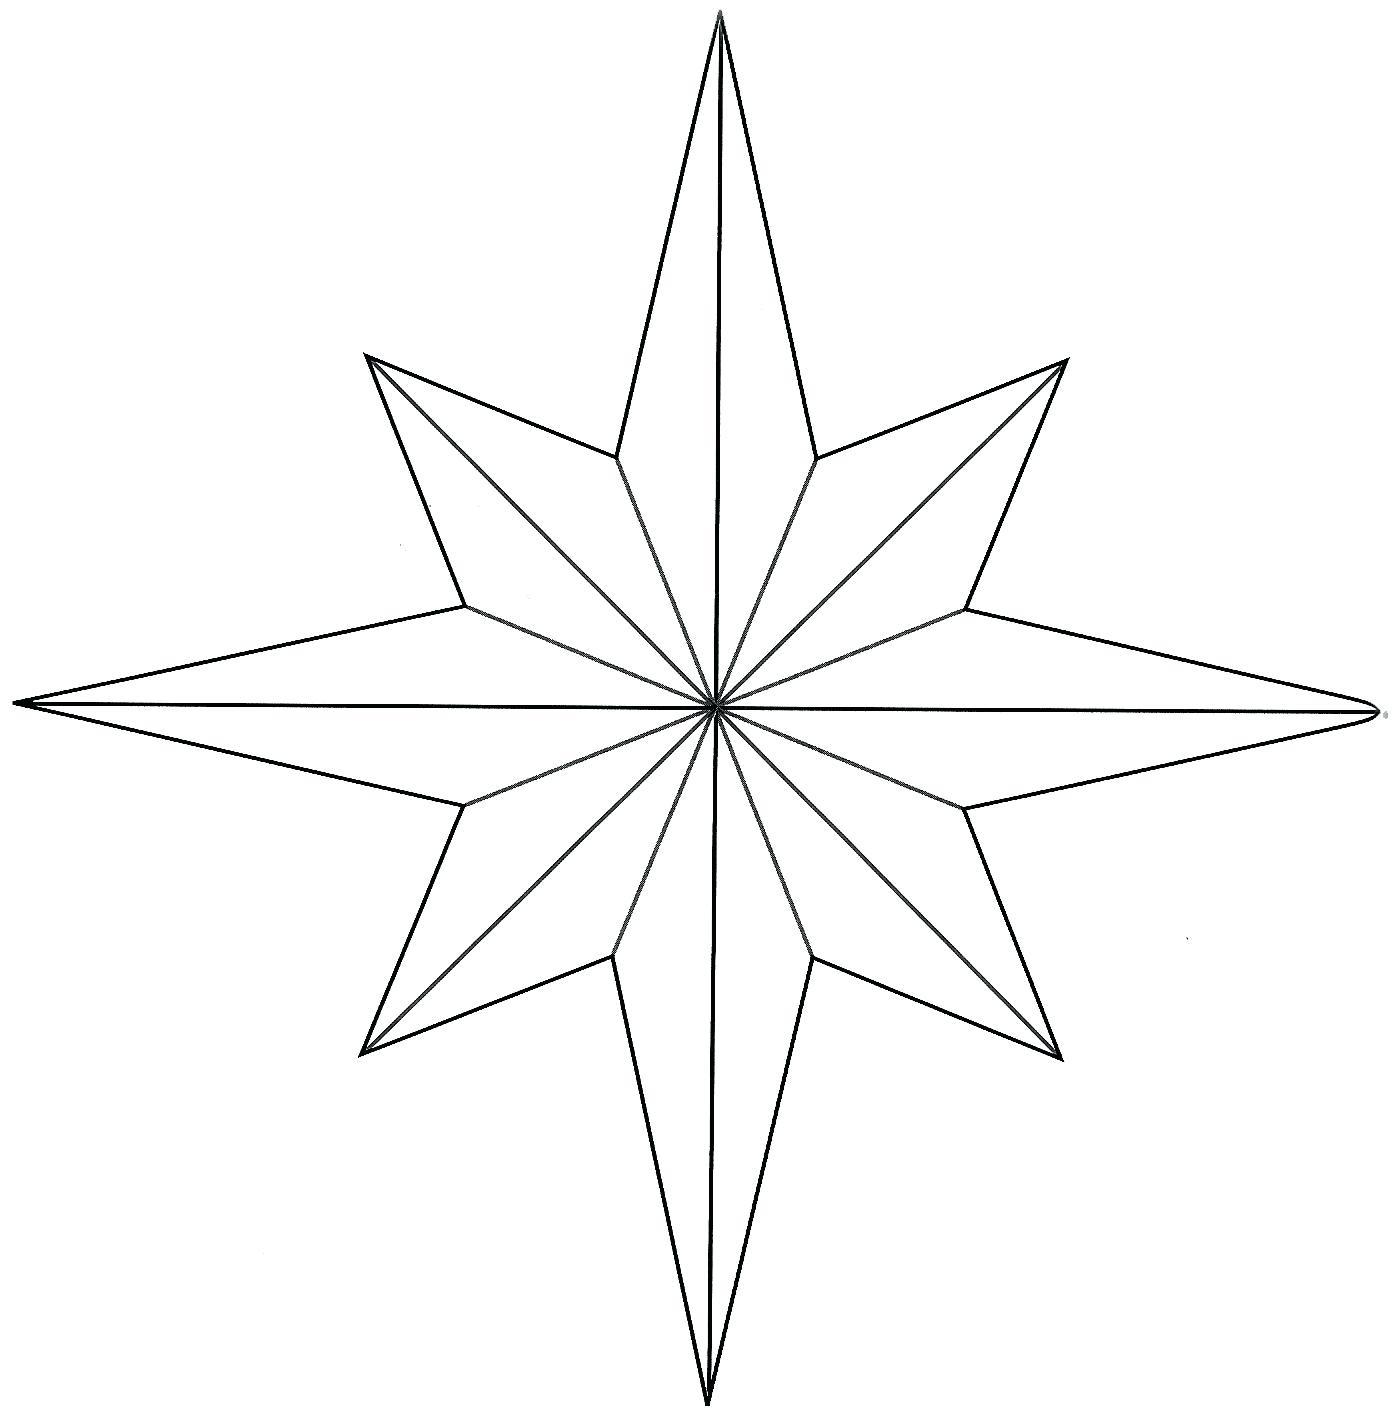 Small Star Drawing At Getdrawings